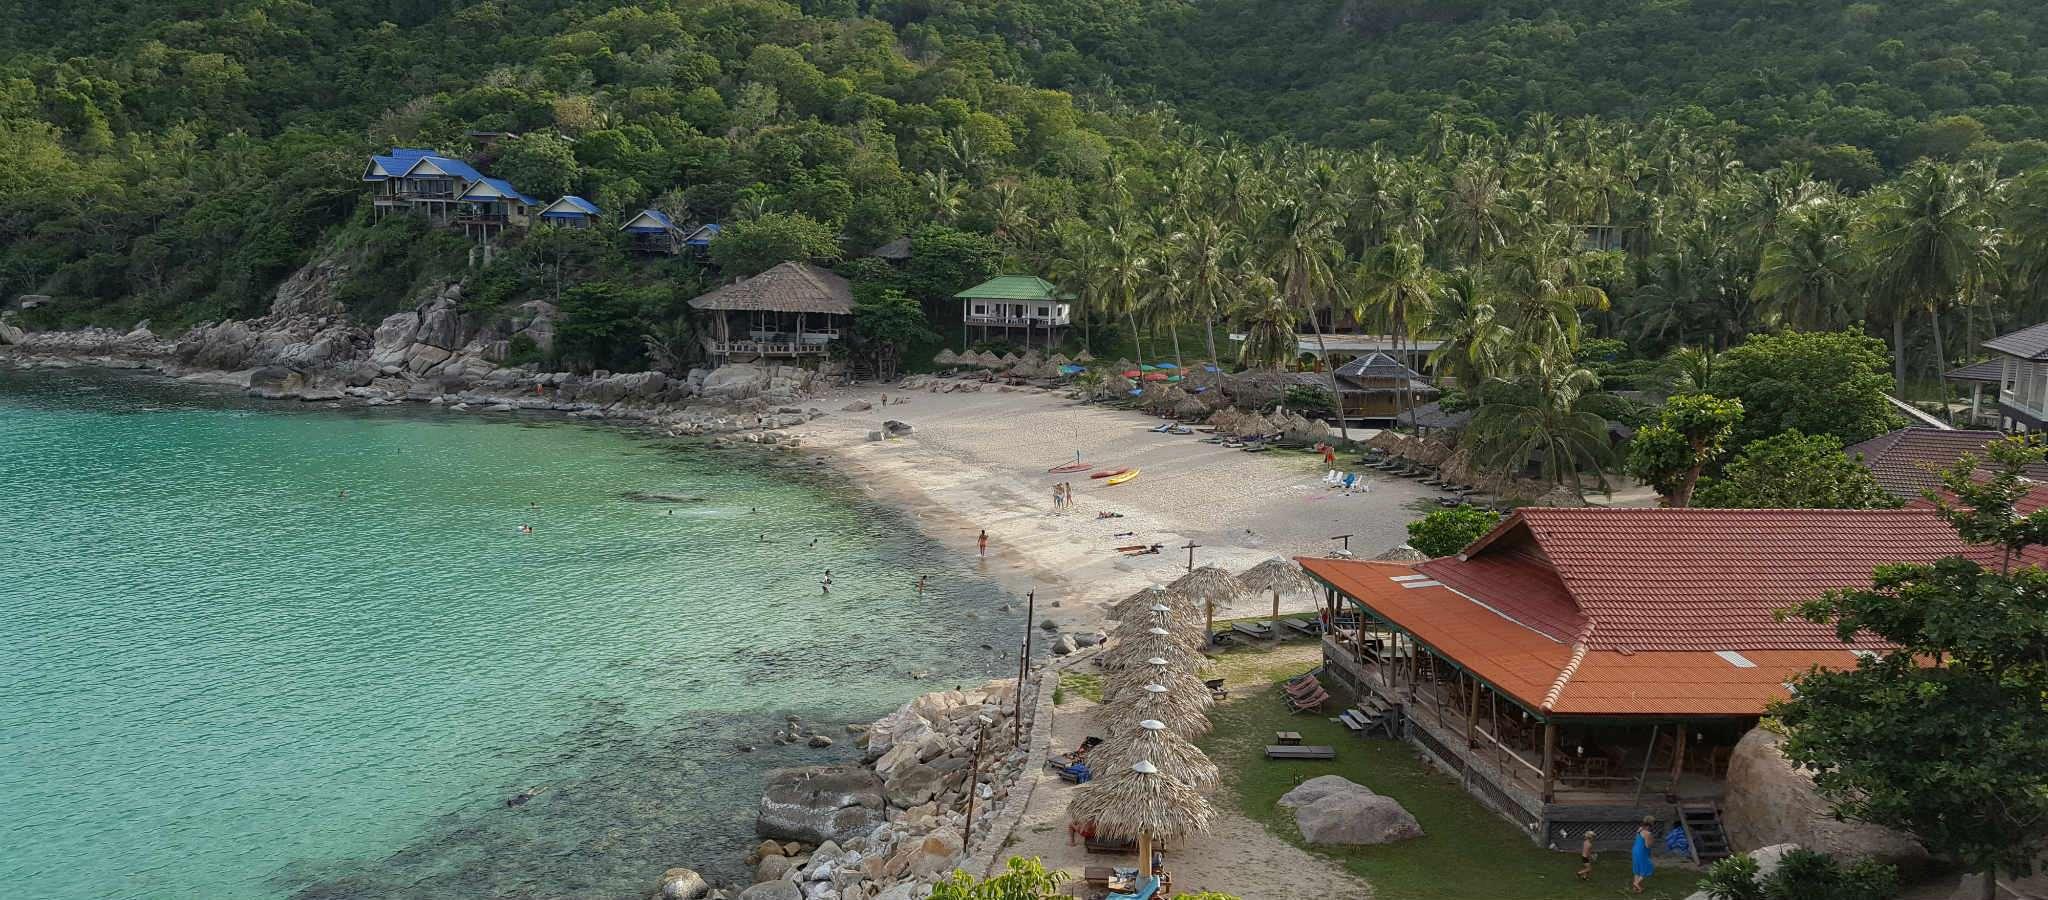 De baai van Aow Leuk op Koh Tao